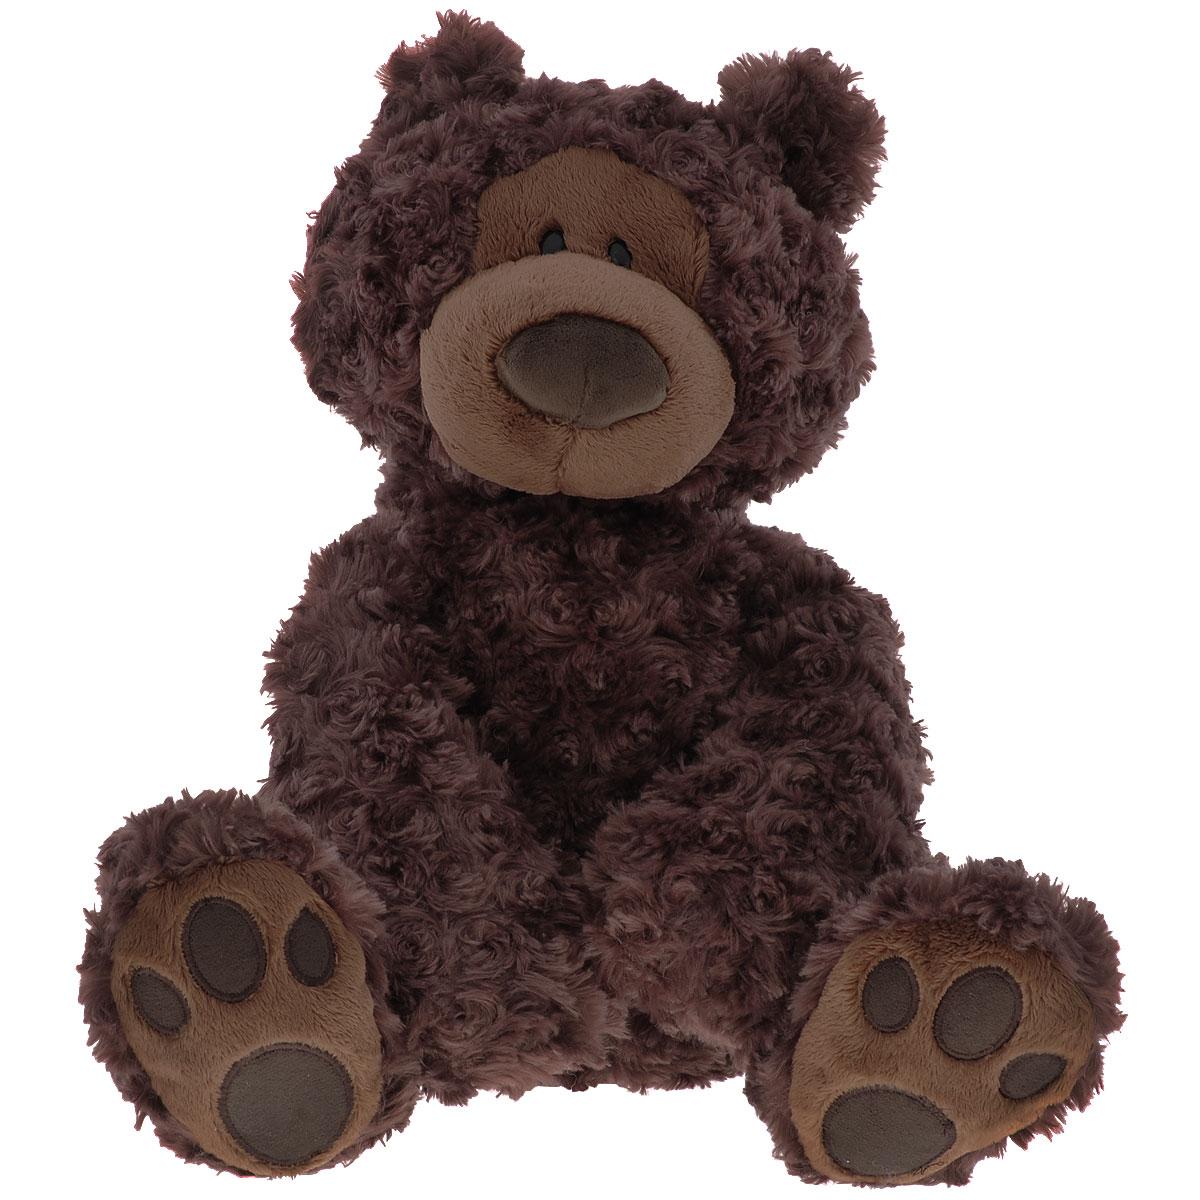 Мягкая игрушка Gund Bear Chocolate Large, 45,5 см320047Мягкая игрушка Gund Bear Chocolate Large, выполненная в виде милого медвежонка. Игрушка вызовет умиление и улыбку у каждого, кто ее увидит. Удивительно мягкая игрушка принесет радость и подарит своему обладателю мгновения нежных объятий и приятных воспоминаний. Пластиковые гранулы используемые для набивки улучшают и развивают моторику рук ребенка. Великолепное качество исполнения делают эту игрушку чудесным подарком к любому празднику.